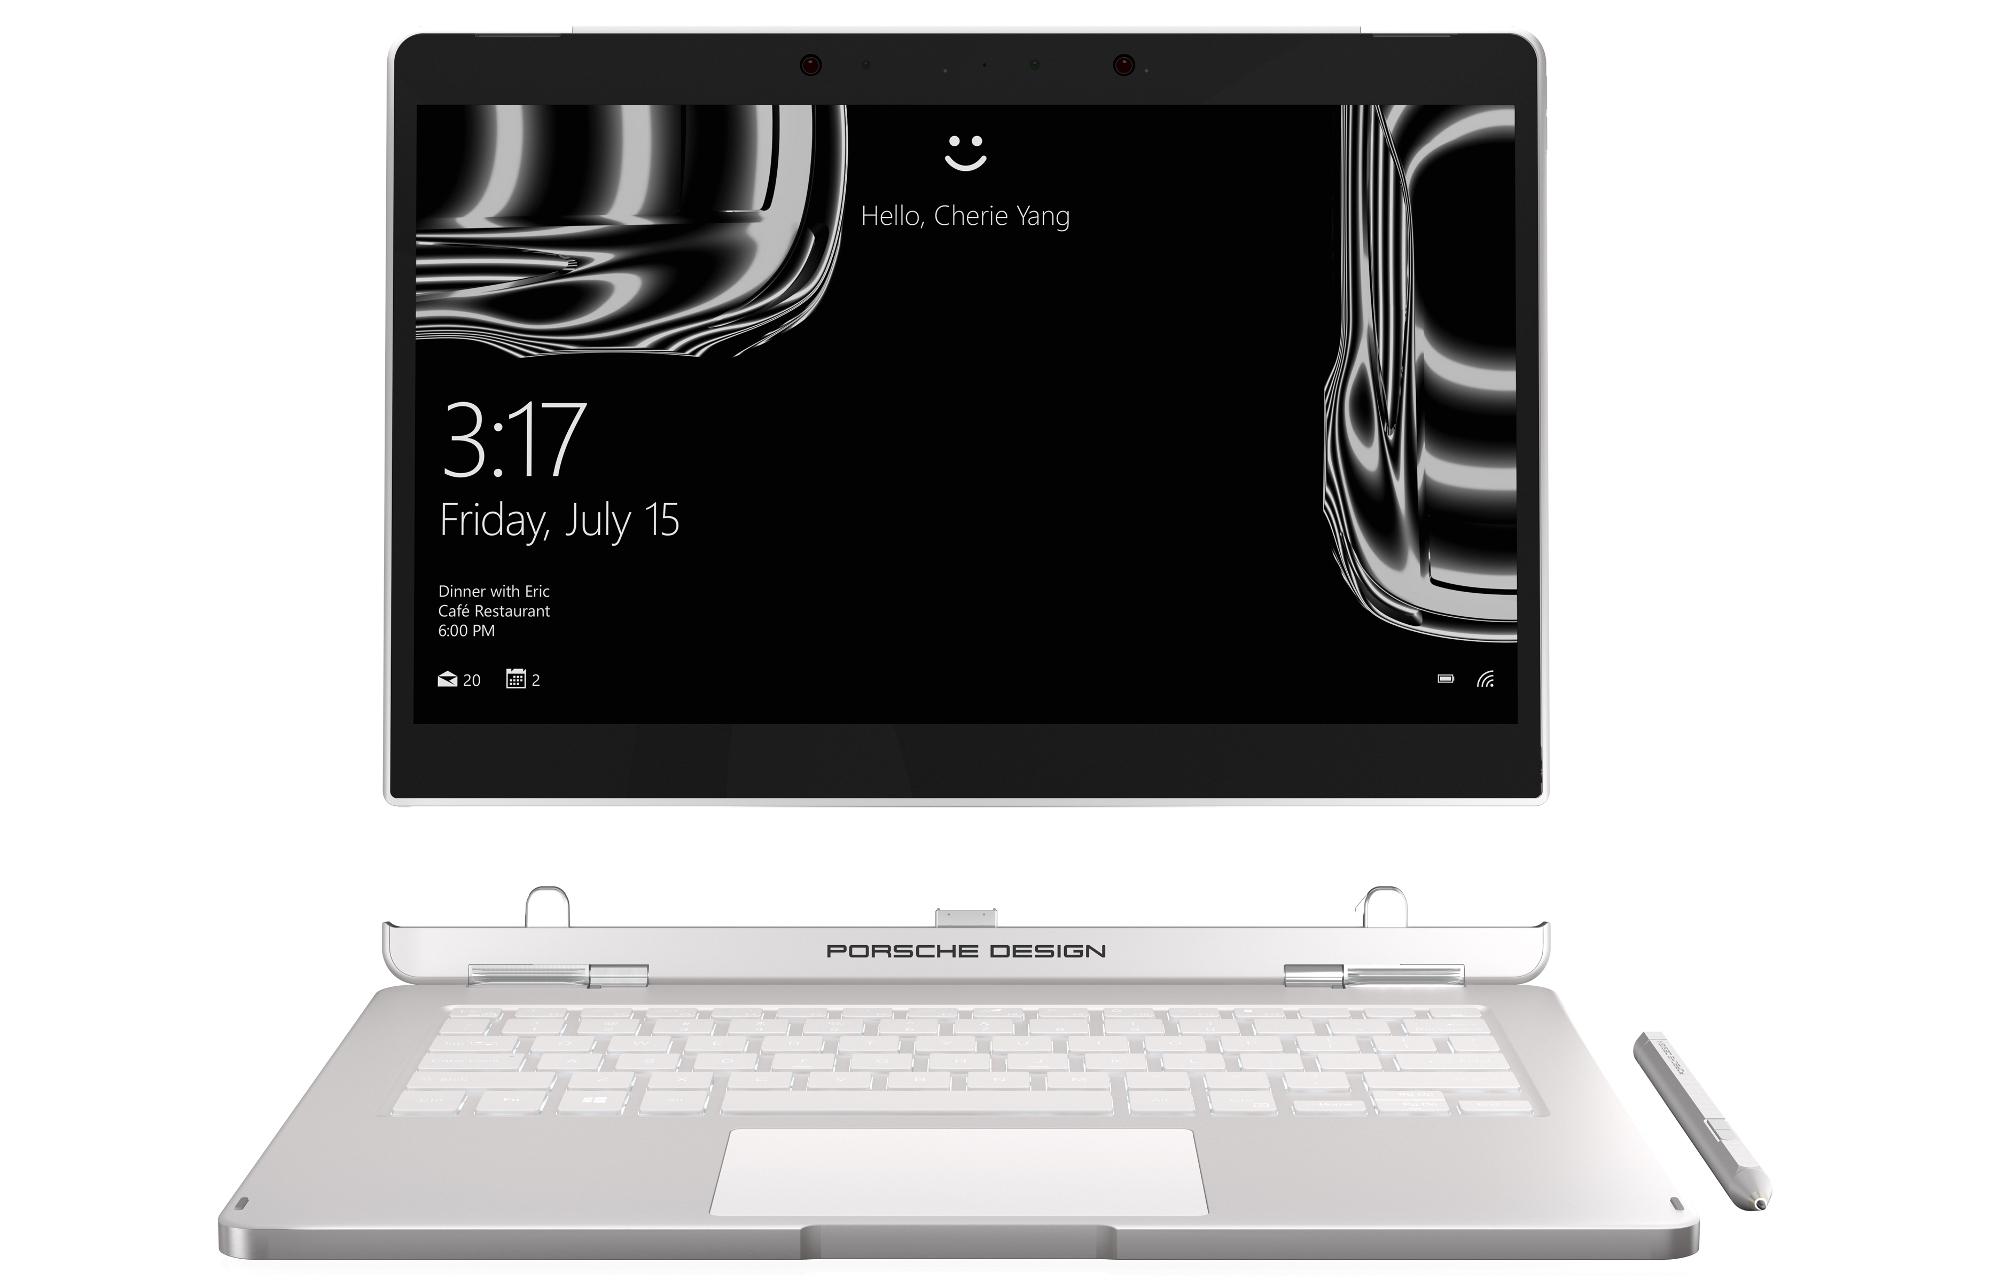 Der Bildschirm des Porsche Design Book One lässt sich abnehmen und als Tablet nutzen (Bild: Porsche Design)